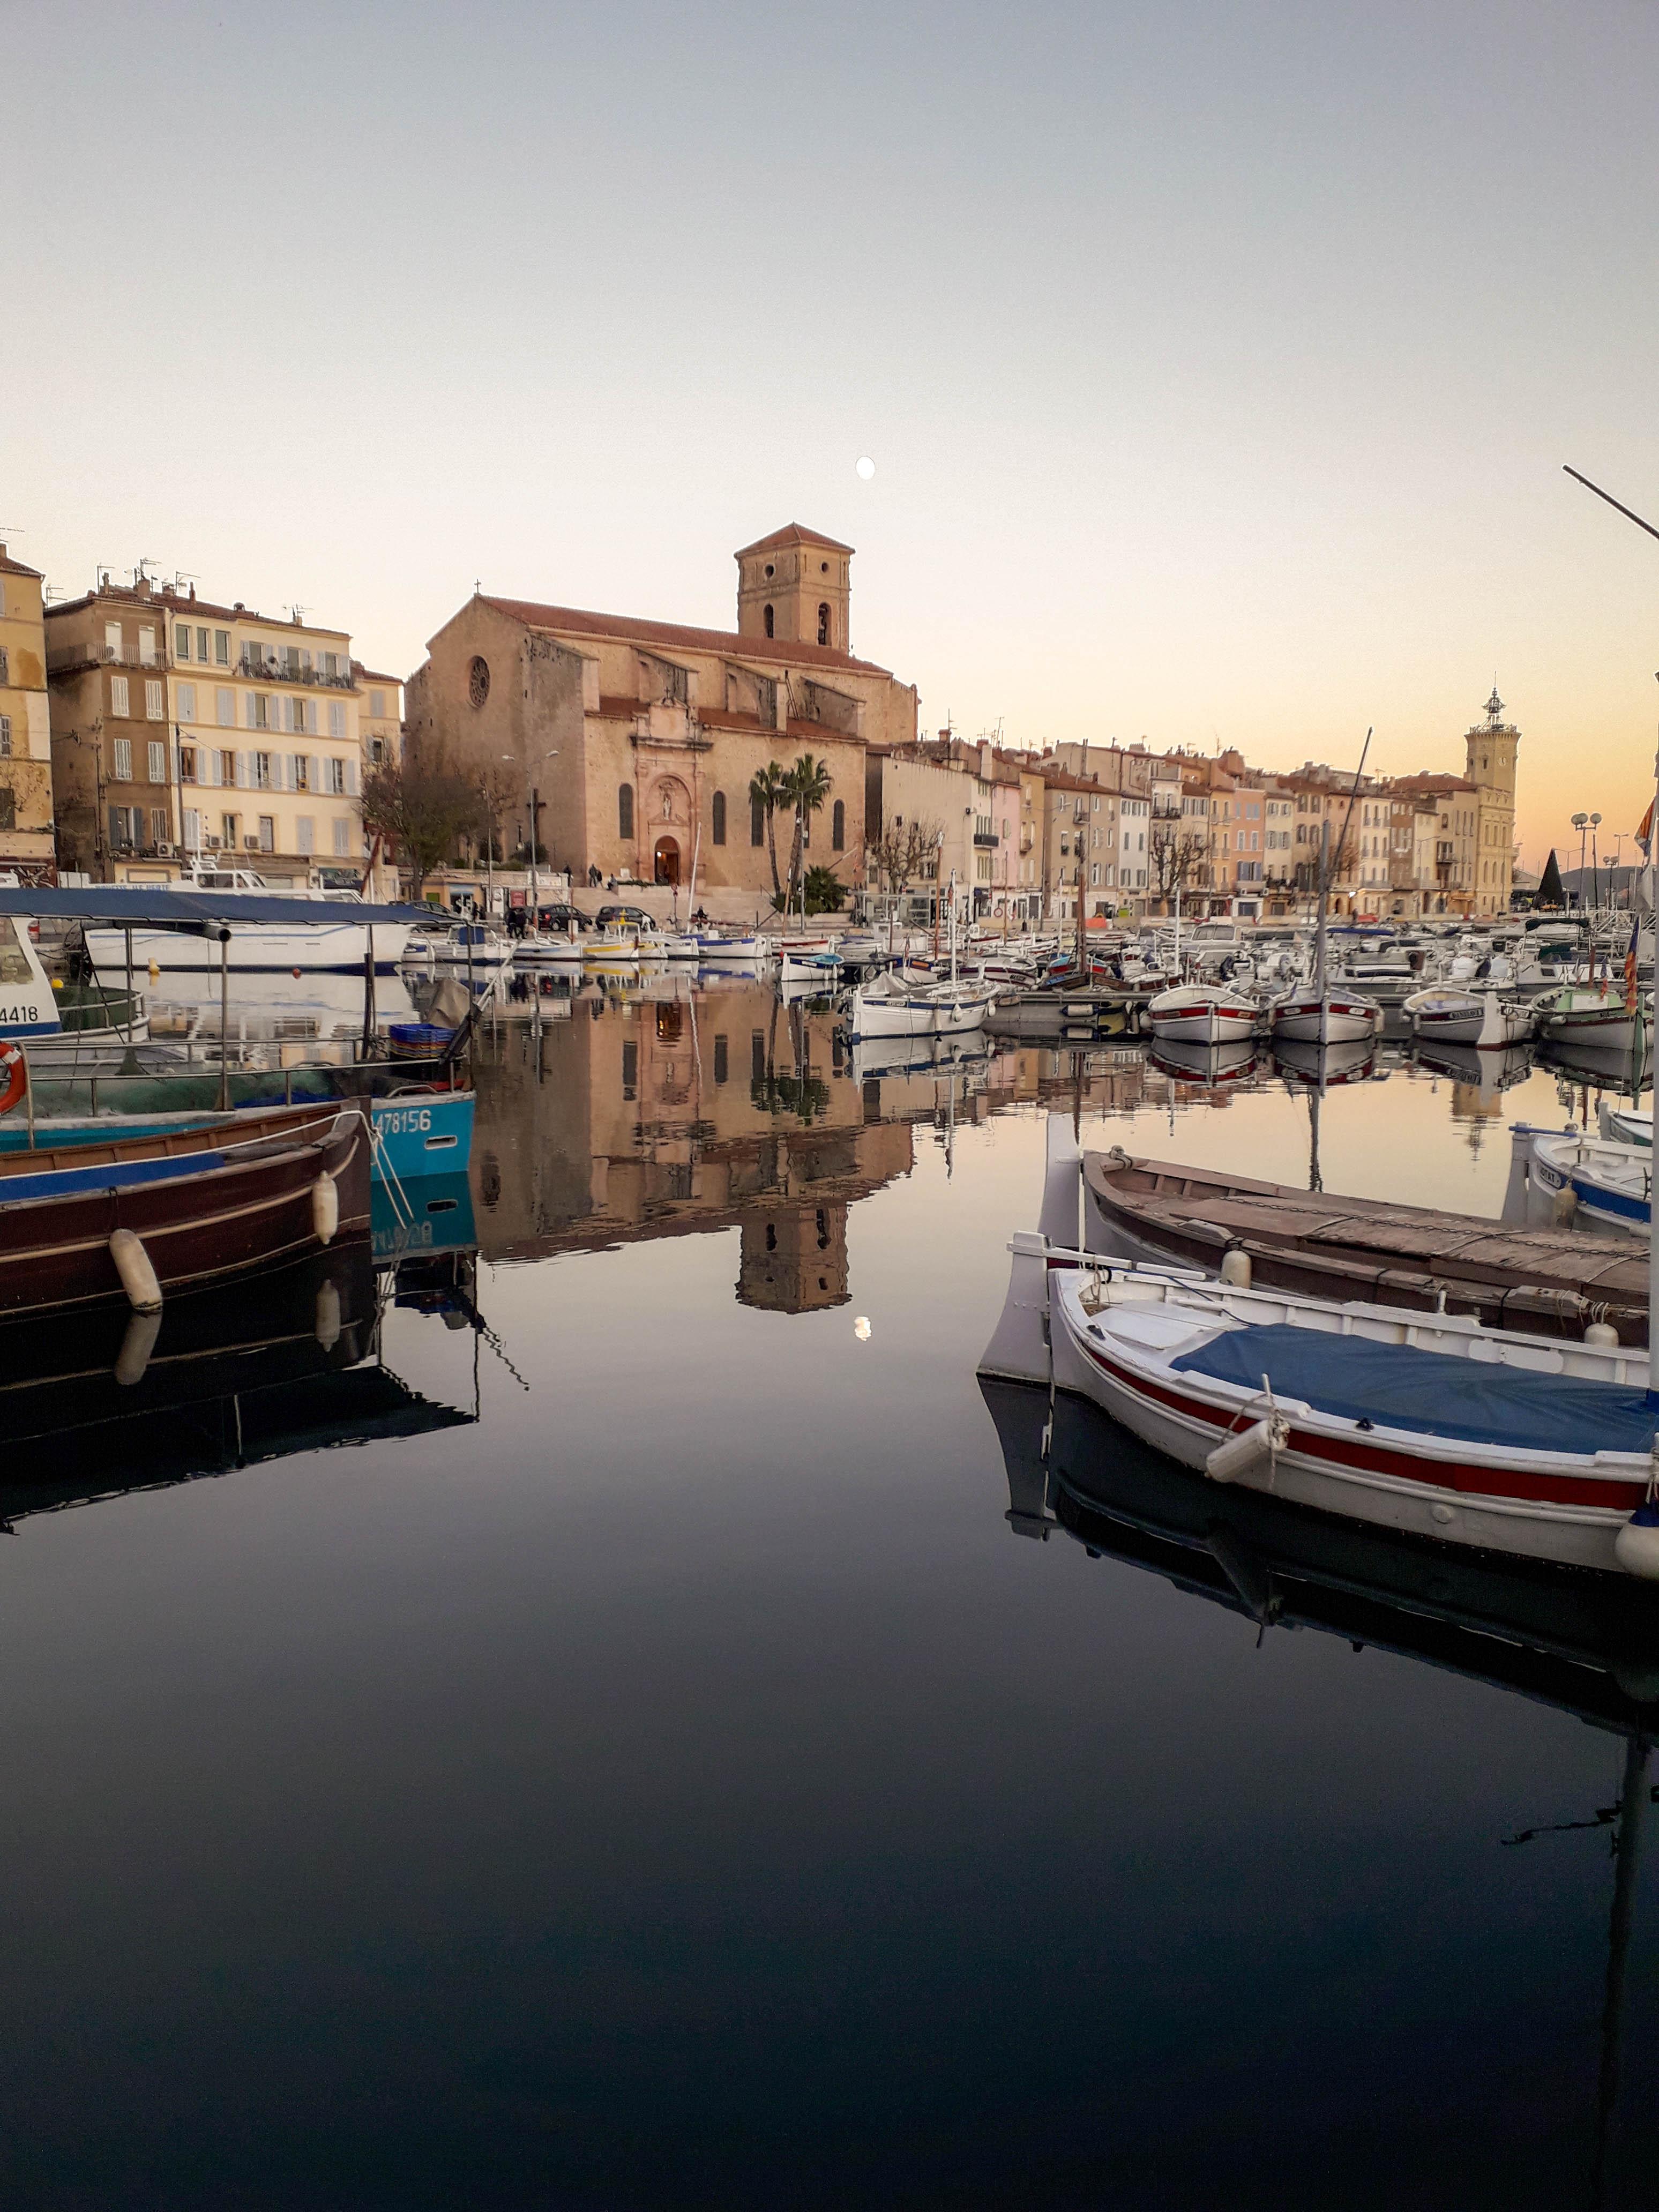 Port Vieux